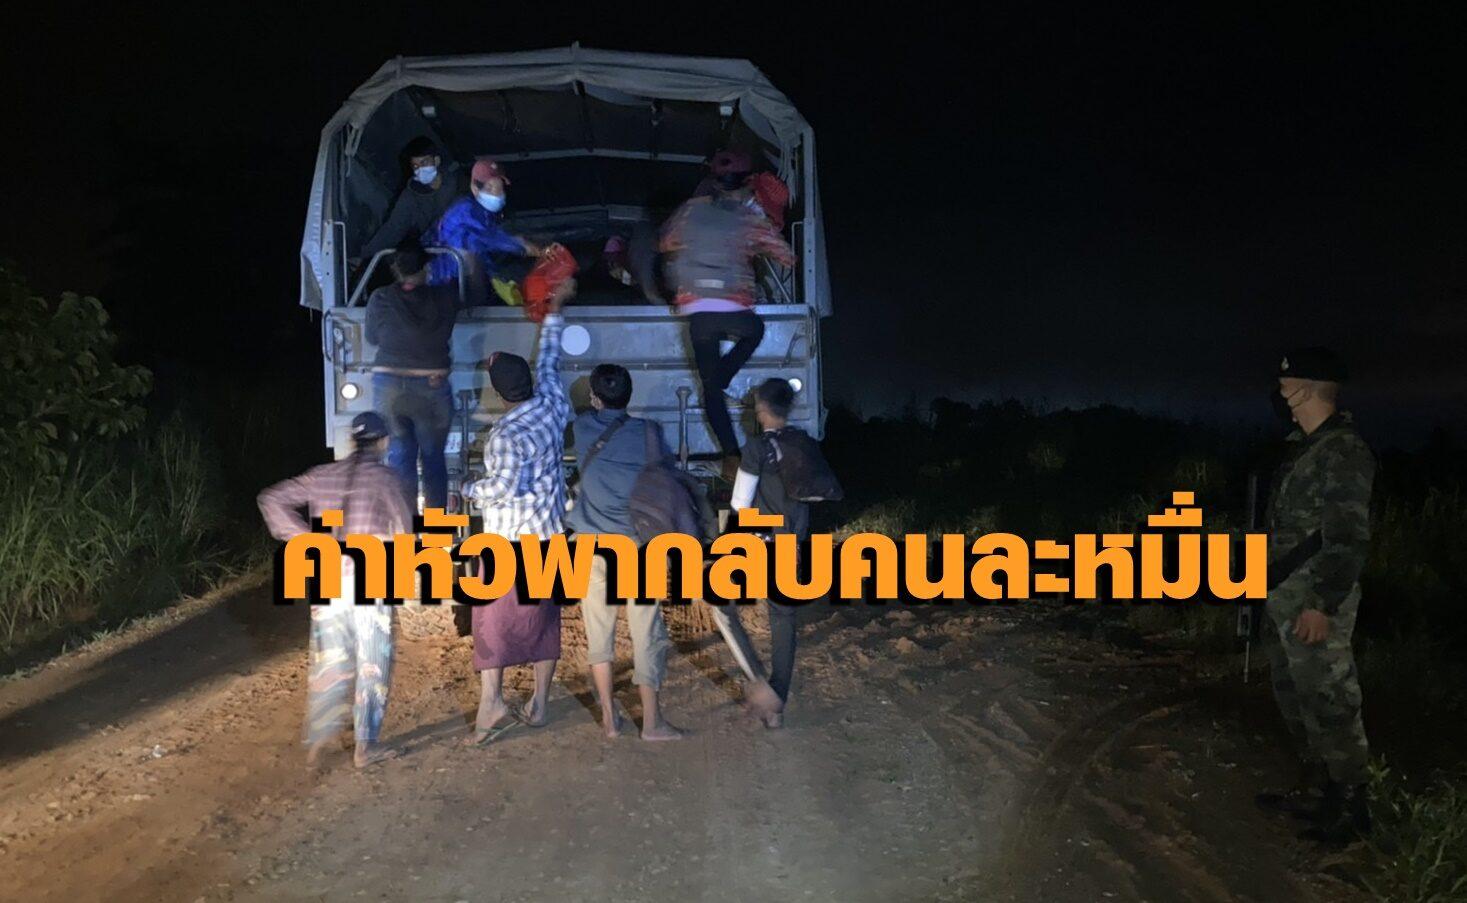 แรงงานเถื่อนเมียนมาหลงป่า ขณะย่องกลับประเทศแถมถูกหลอกจ่ายค่าหัวคนละหมื่น แต่สุดท้ายถูกจับได้